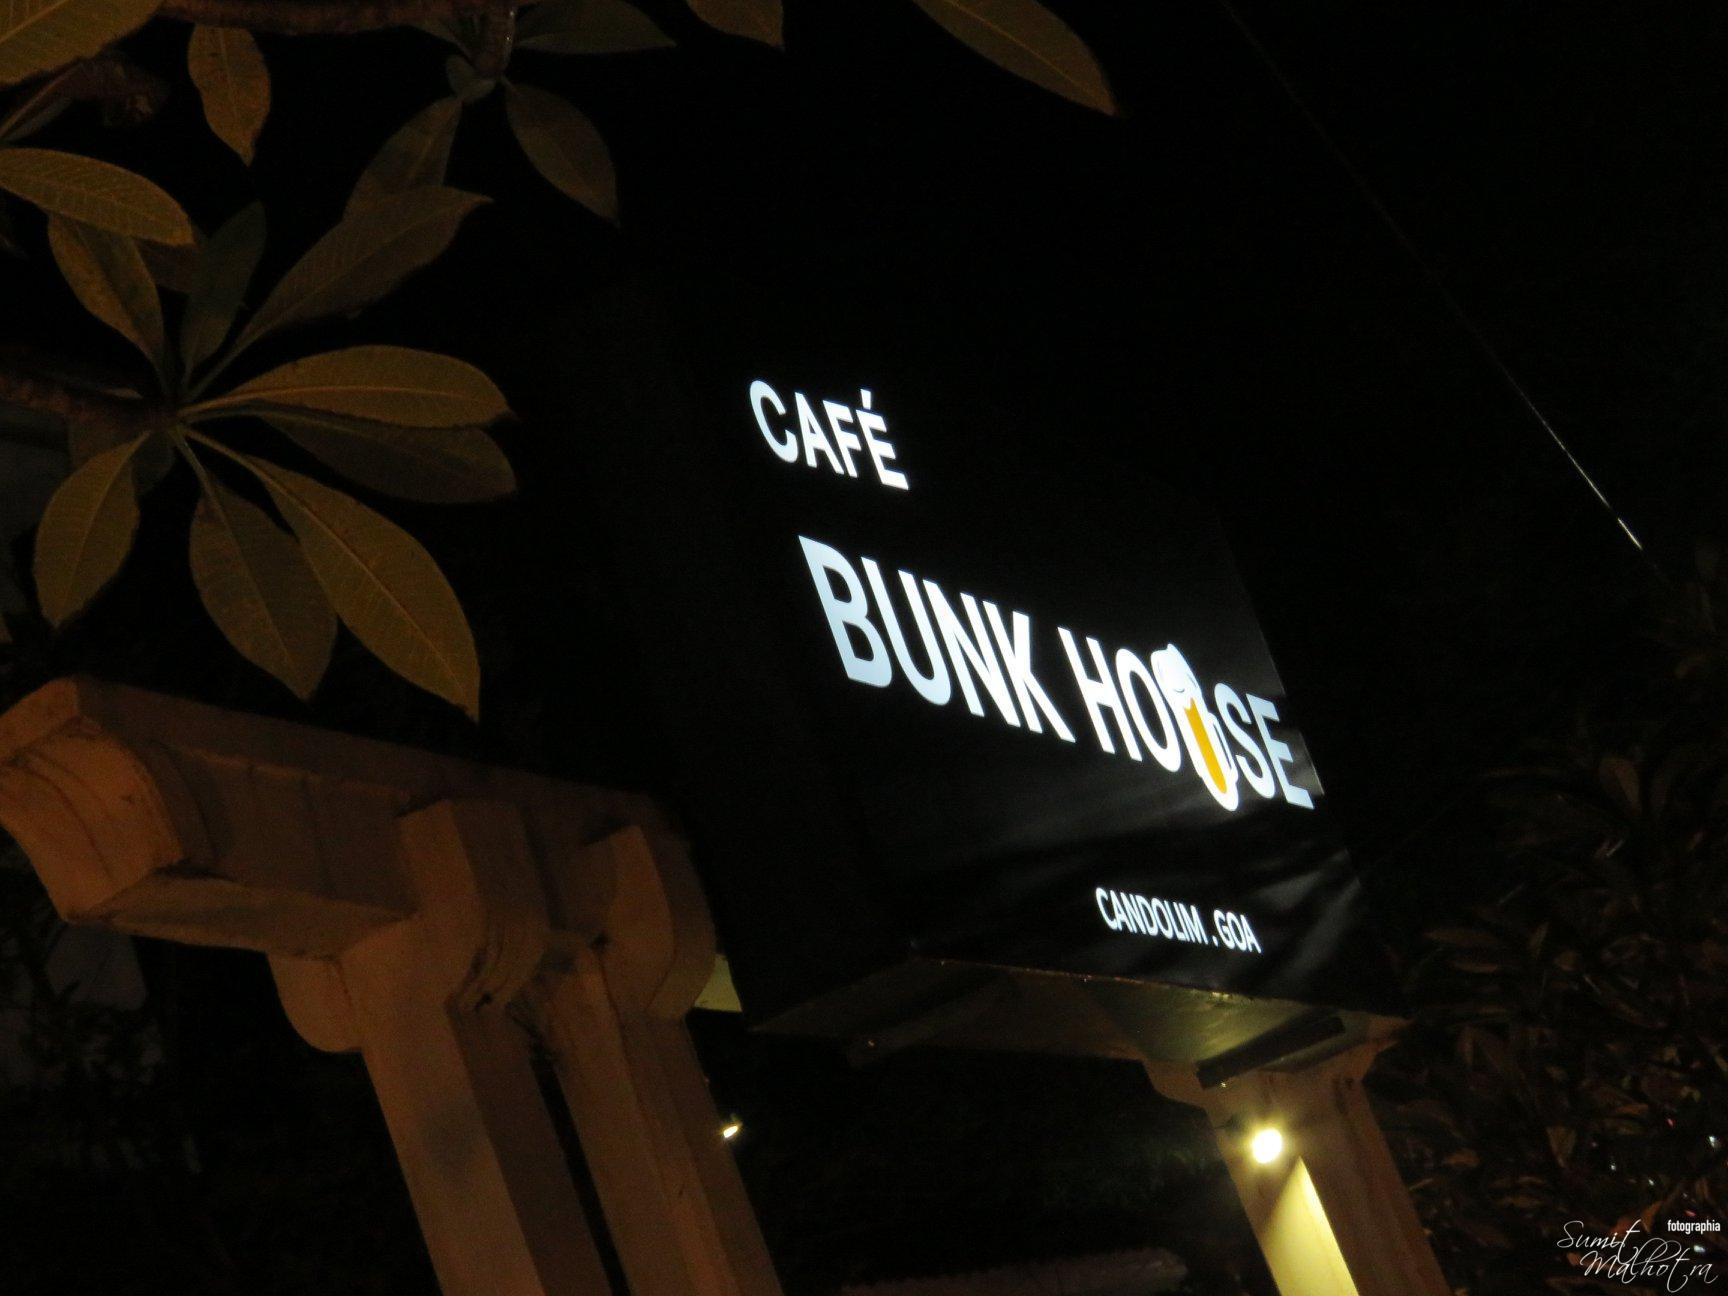 Cafe Bunk House Candolim